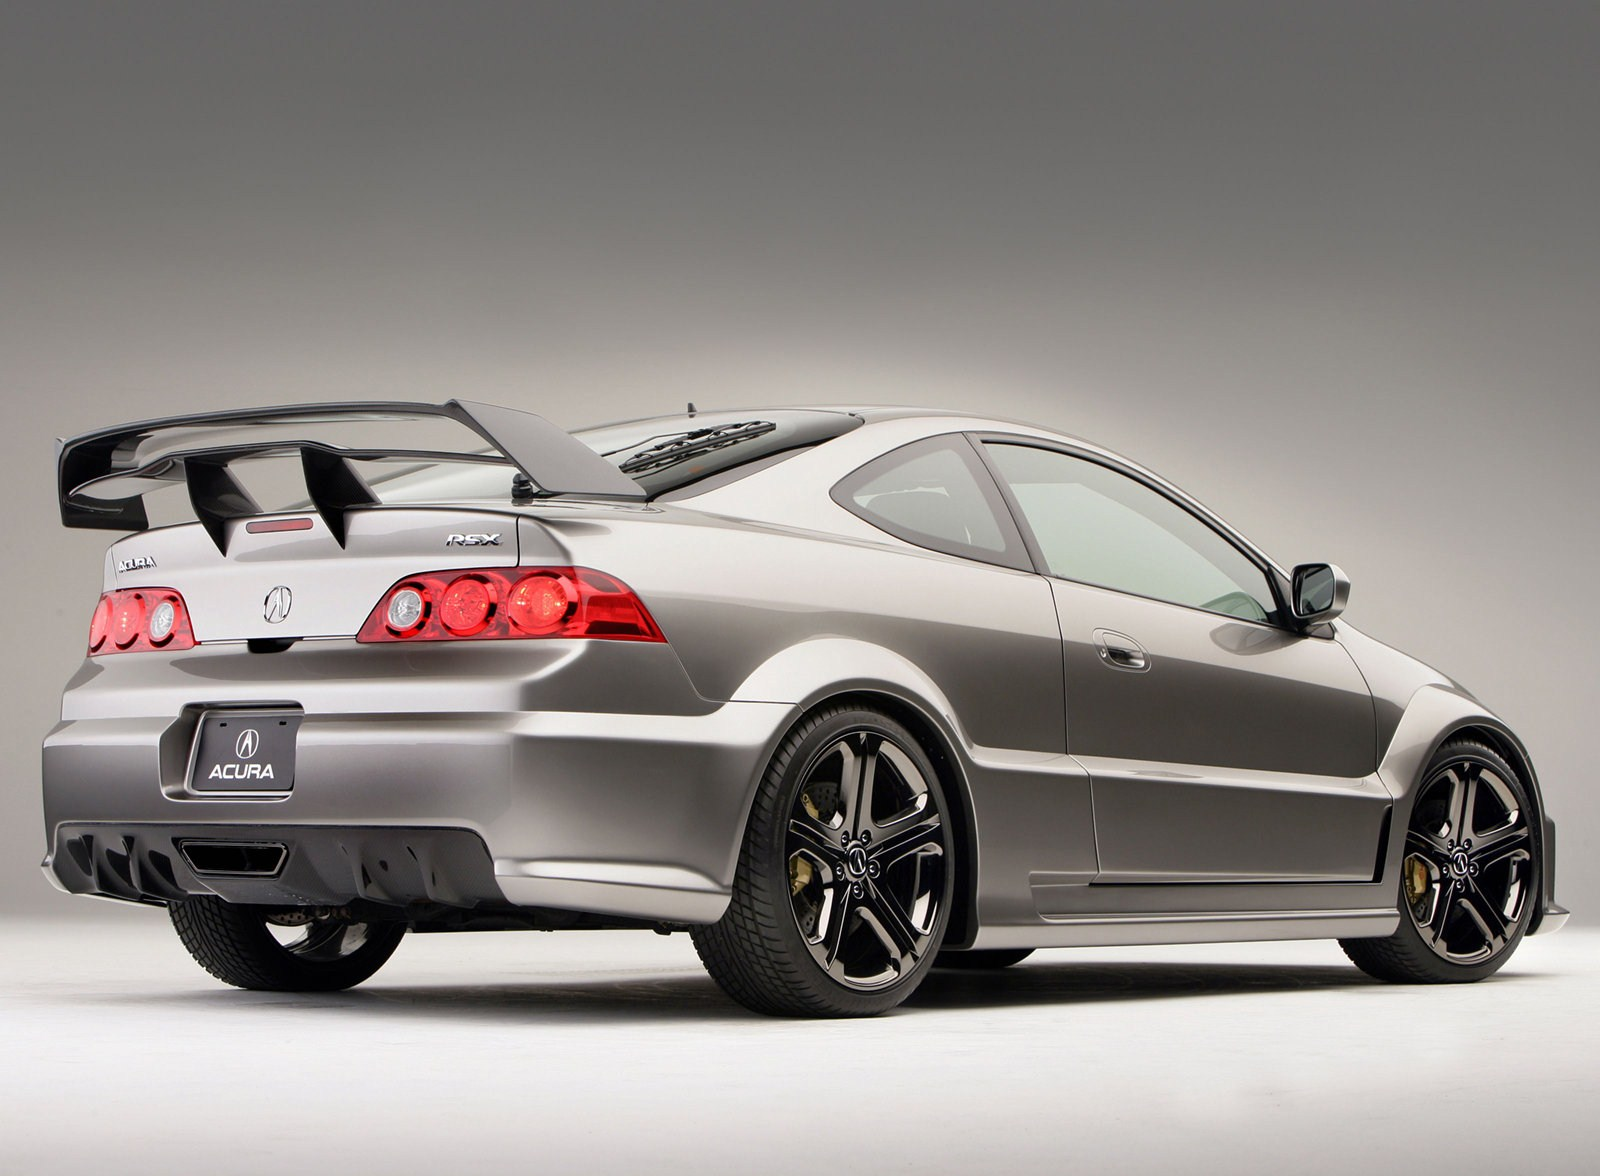 http://2.bp.blogspot.com/_sRGU_JXOz6E/TSRoMdSA0eI/AAAAAAAAA64/wf0nWiLiPZ4/s1600/Acura-RSX_A-Spec_Concept_2005_1600x1200_wallpaper_04.jpg